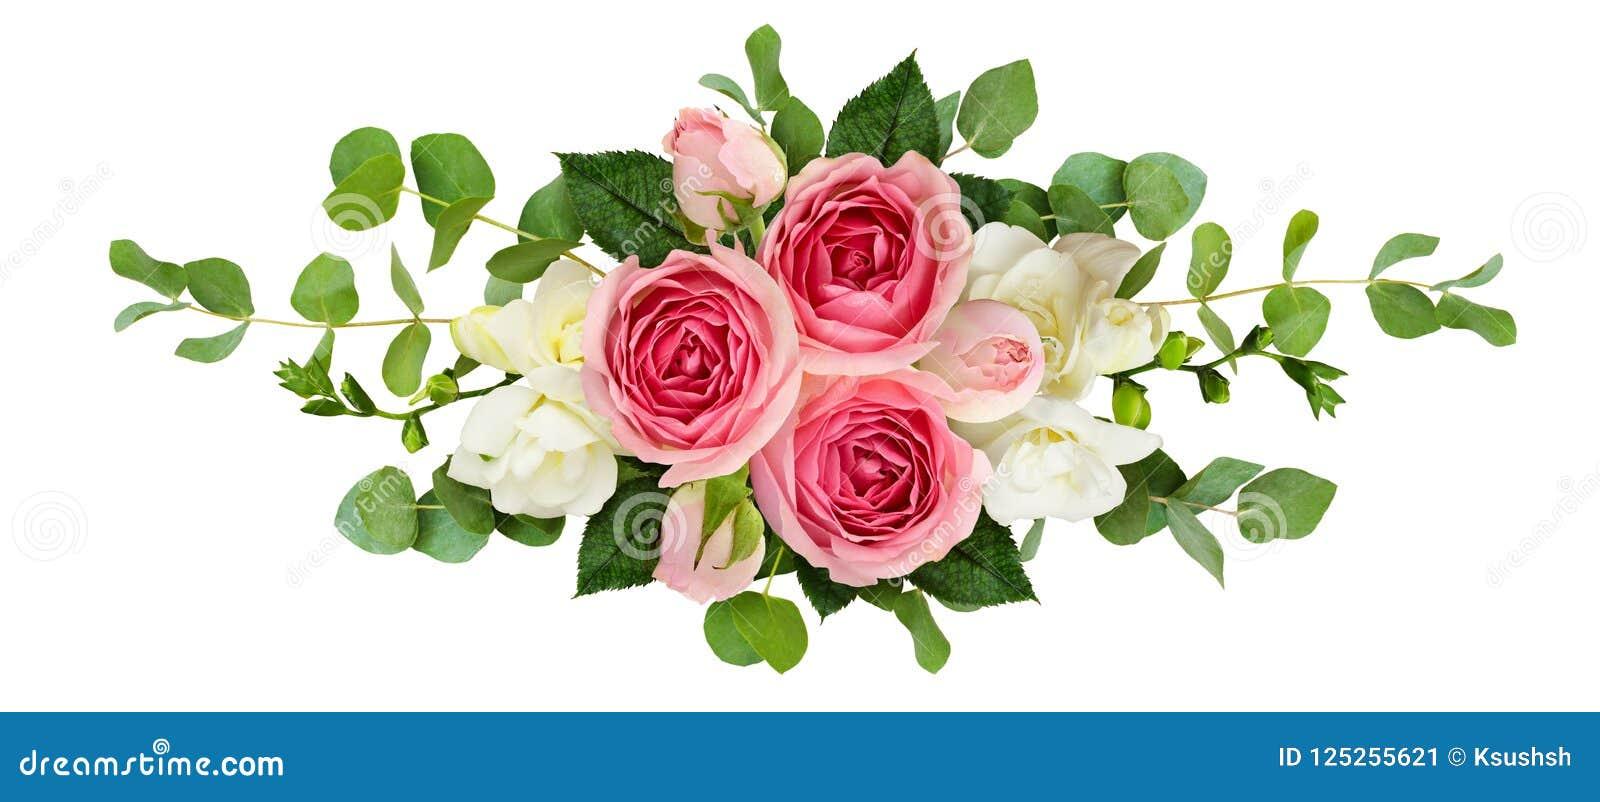 Horyzontalny przygotowania z różowymi różami, frezja kwiatami i euca,